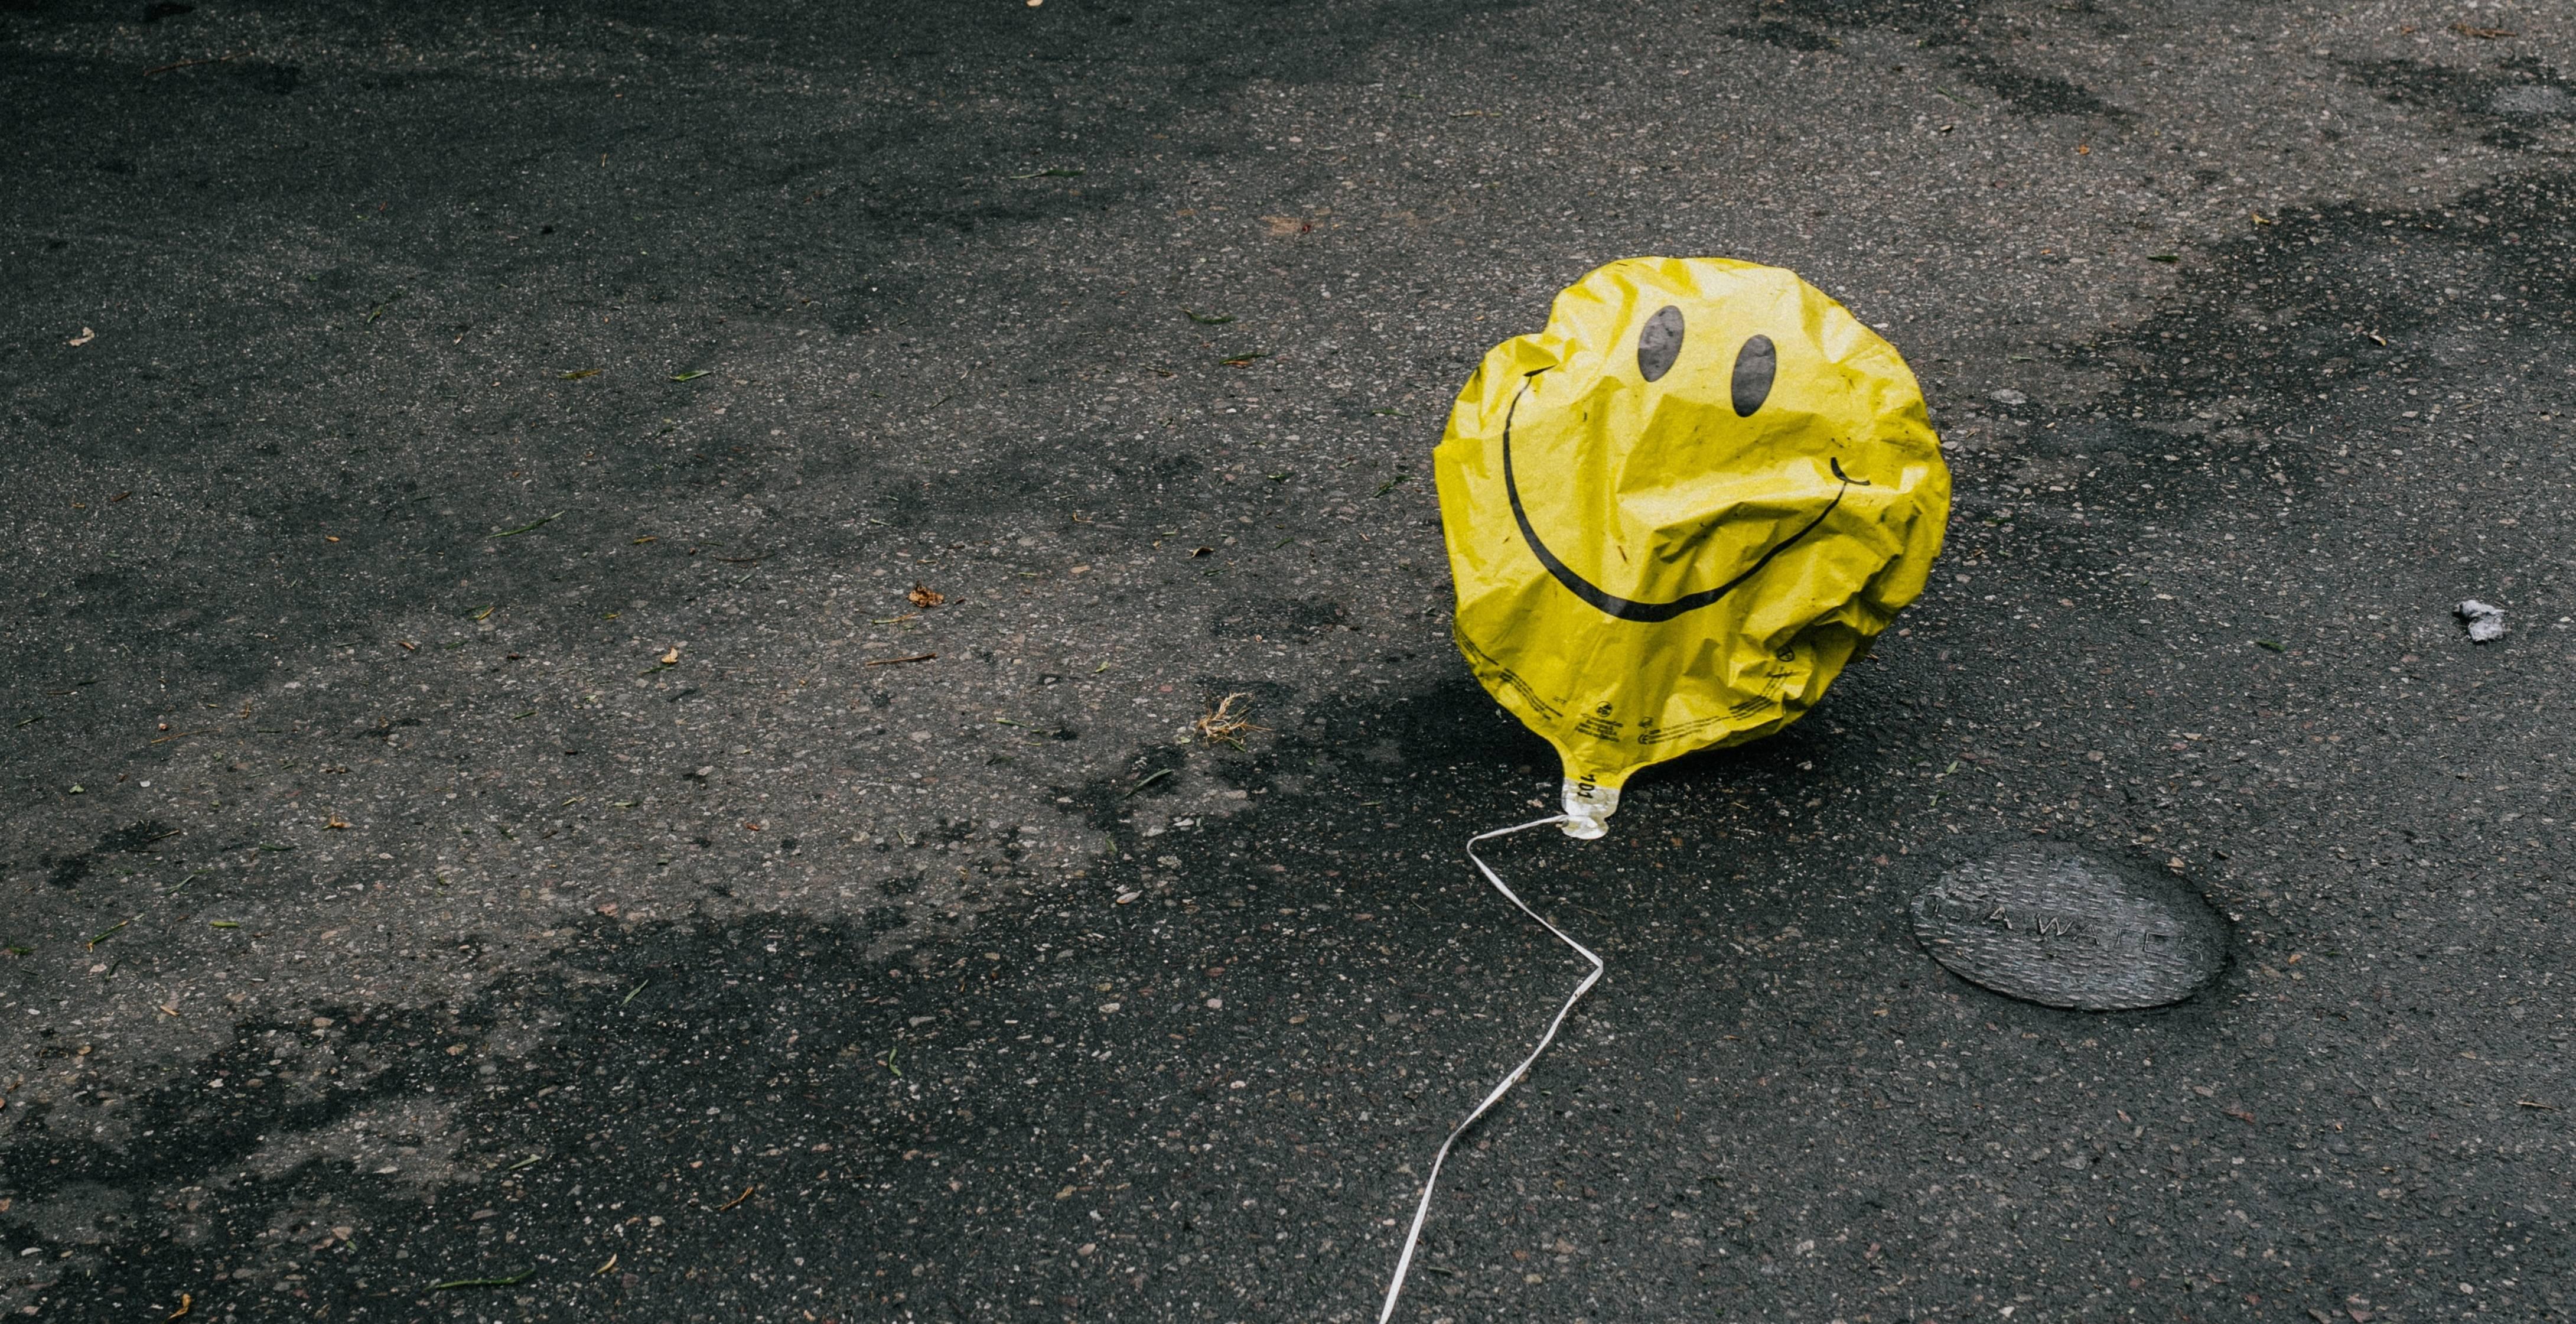 www.juicysantos.com.br - tenho depressão e agora